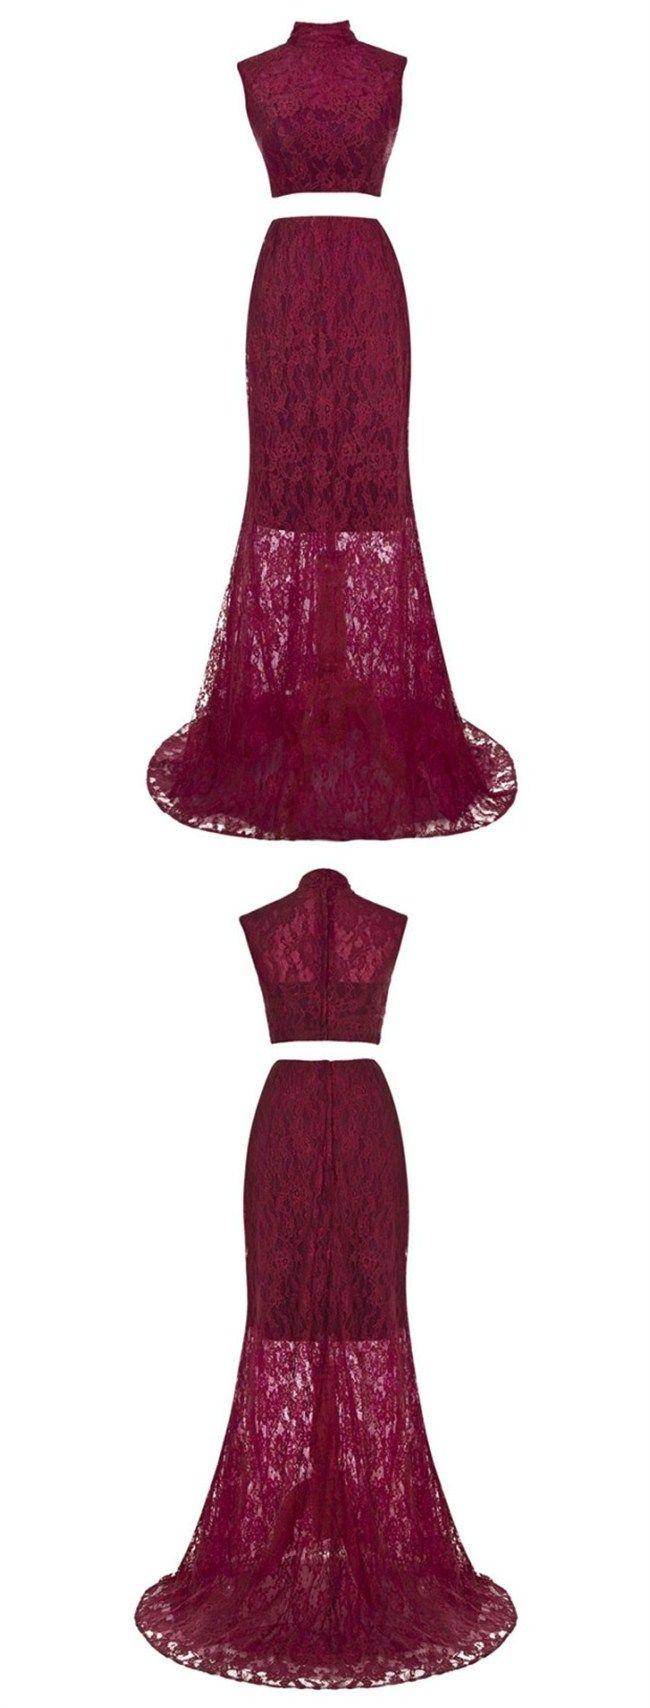 ブルゴーニュプロムのイブニングドレス, ゴージャスなハイネックウエディングドレス, 2ピースウエディングドレス, イリュージョンレース